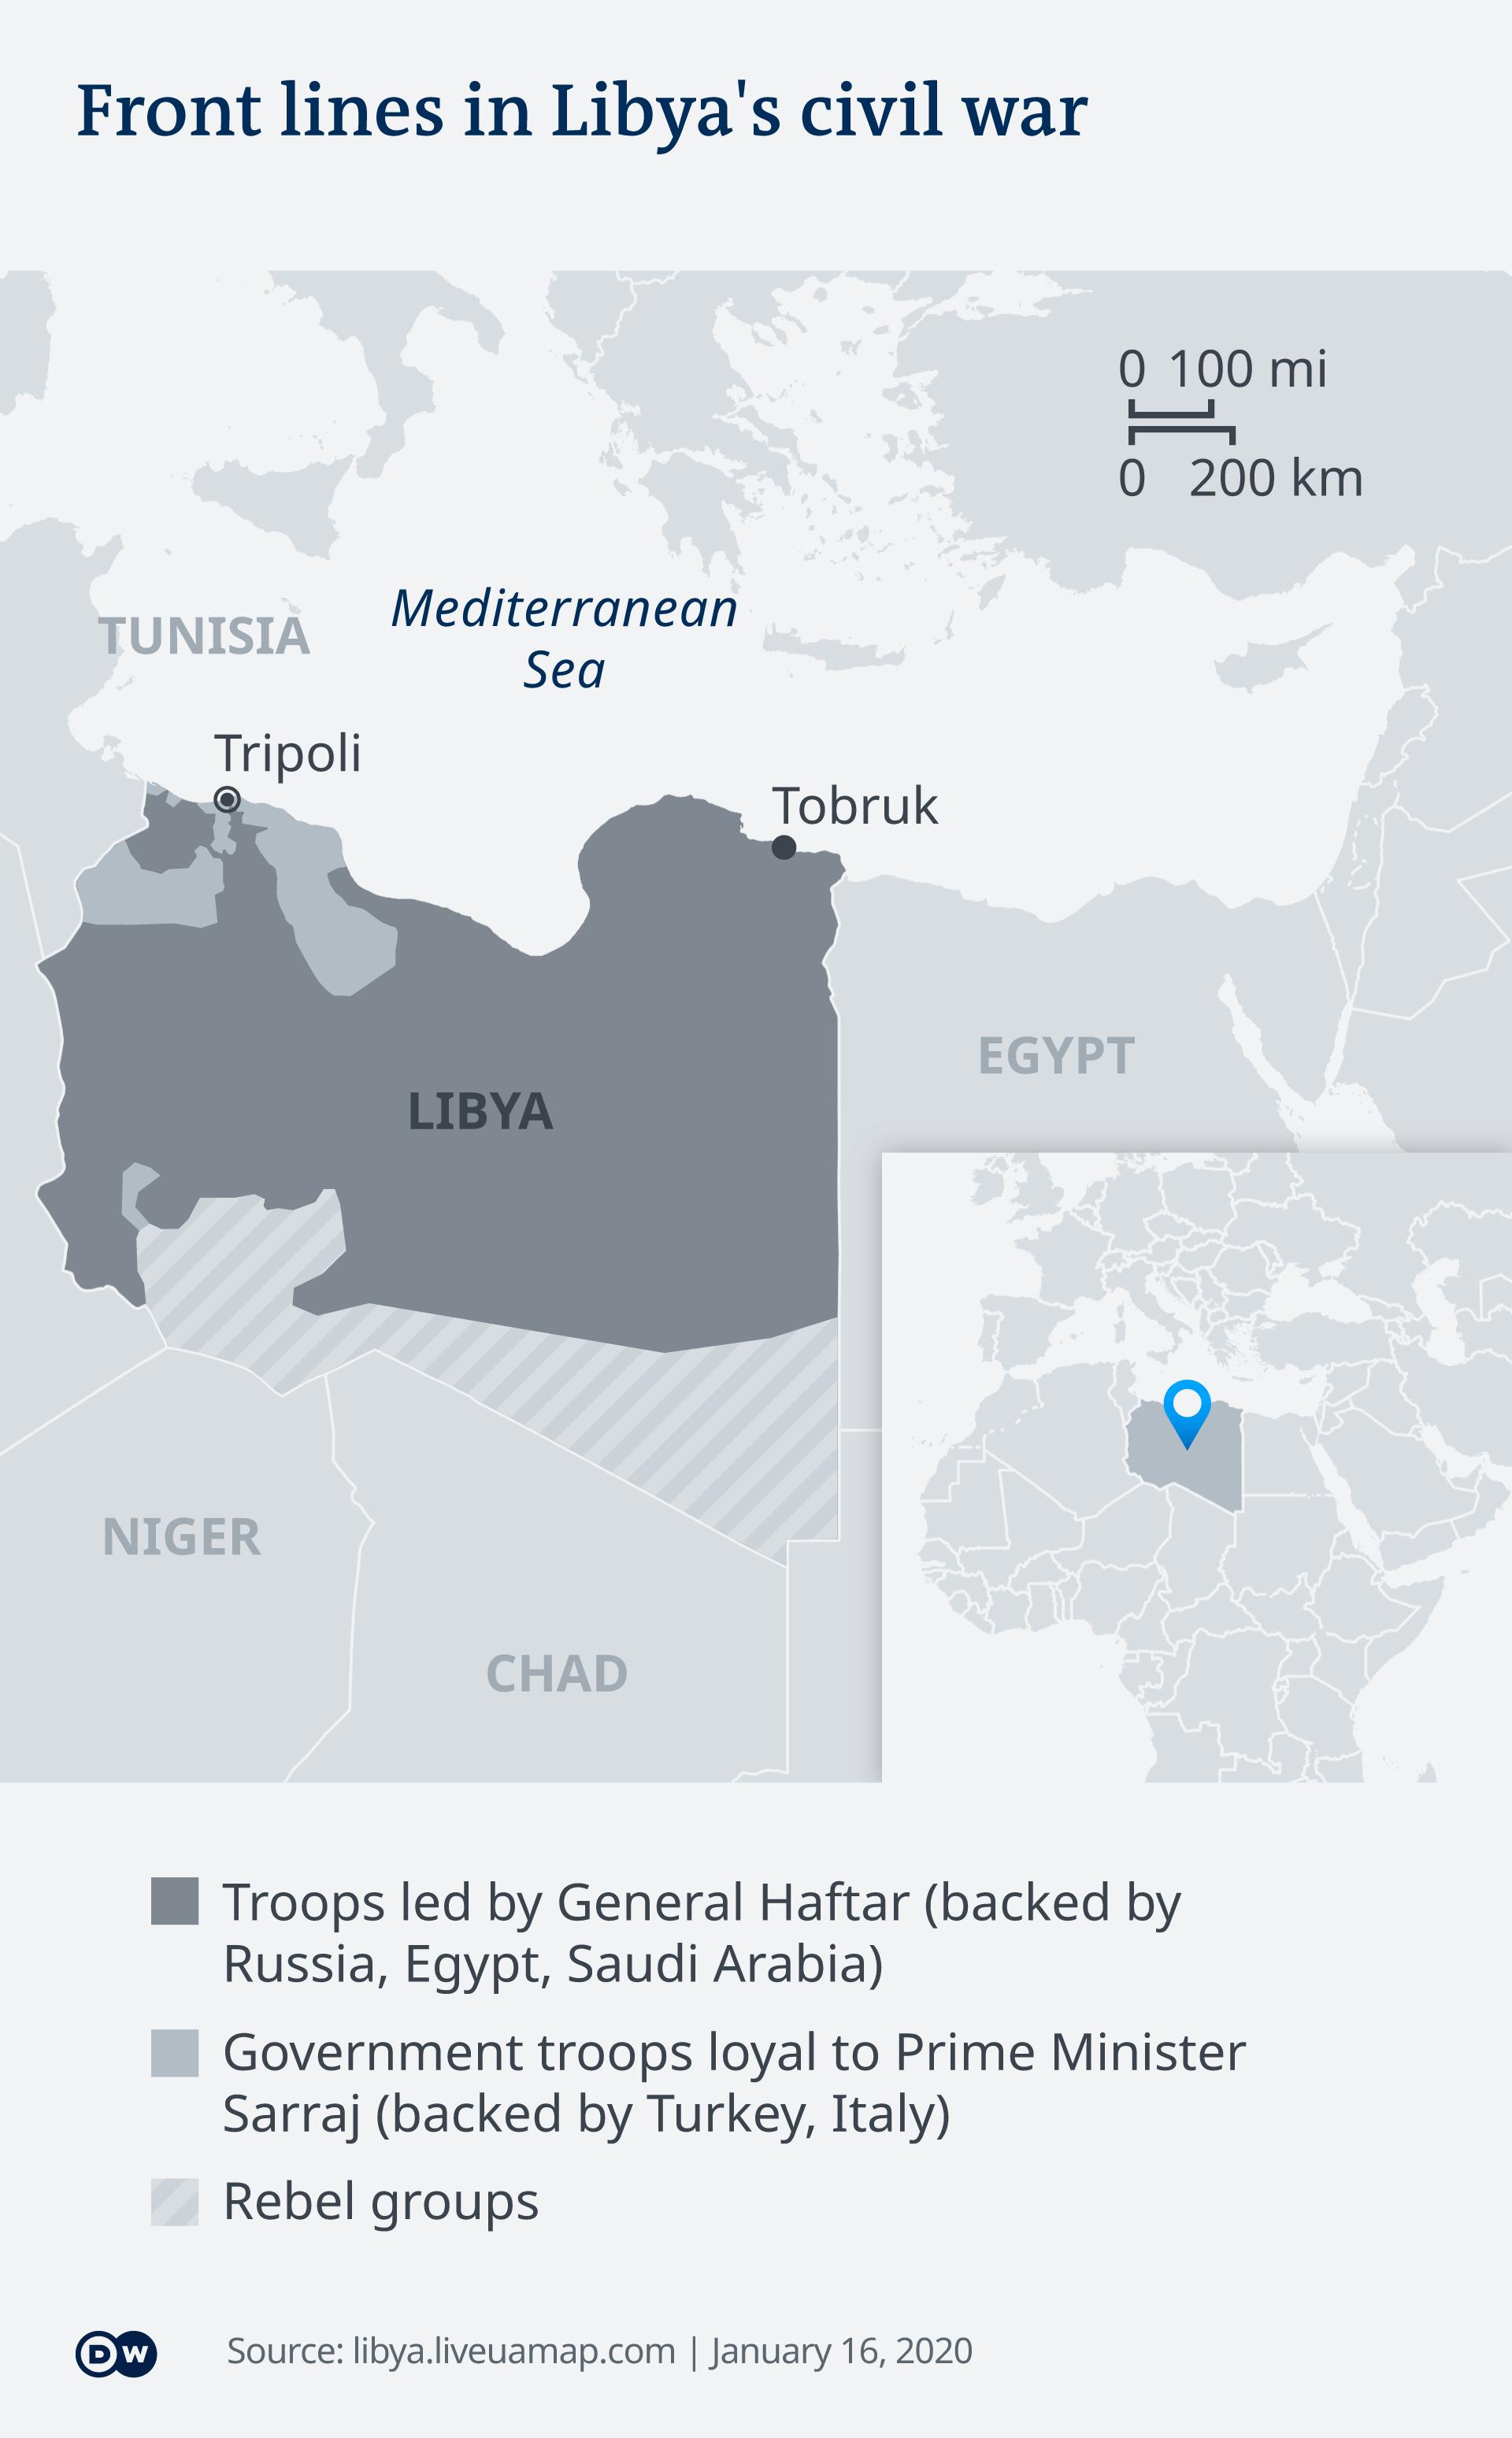 Zemljovid Libije (Bitte stattdessen 599316 verwenden)